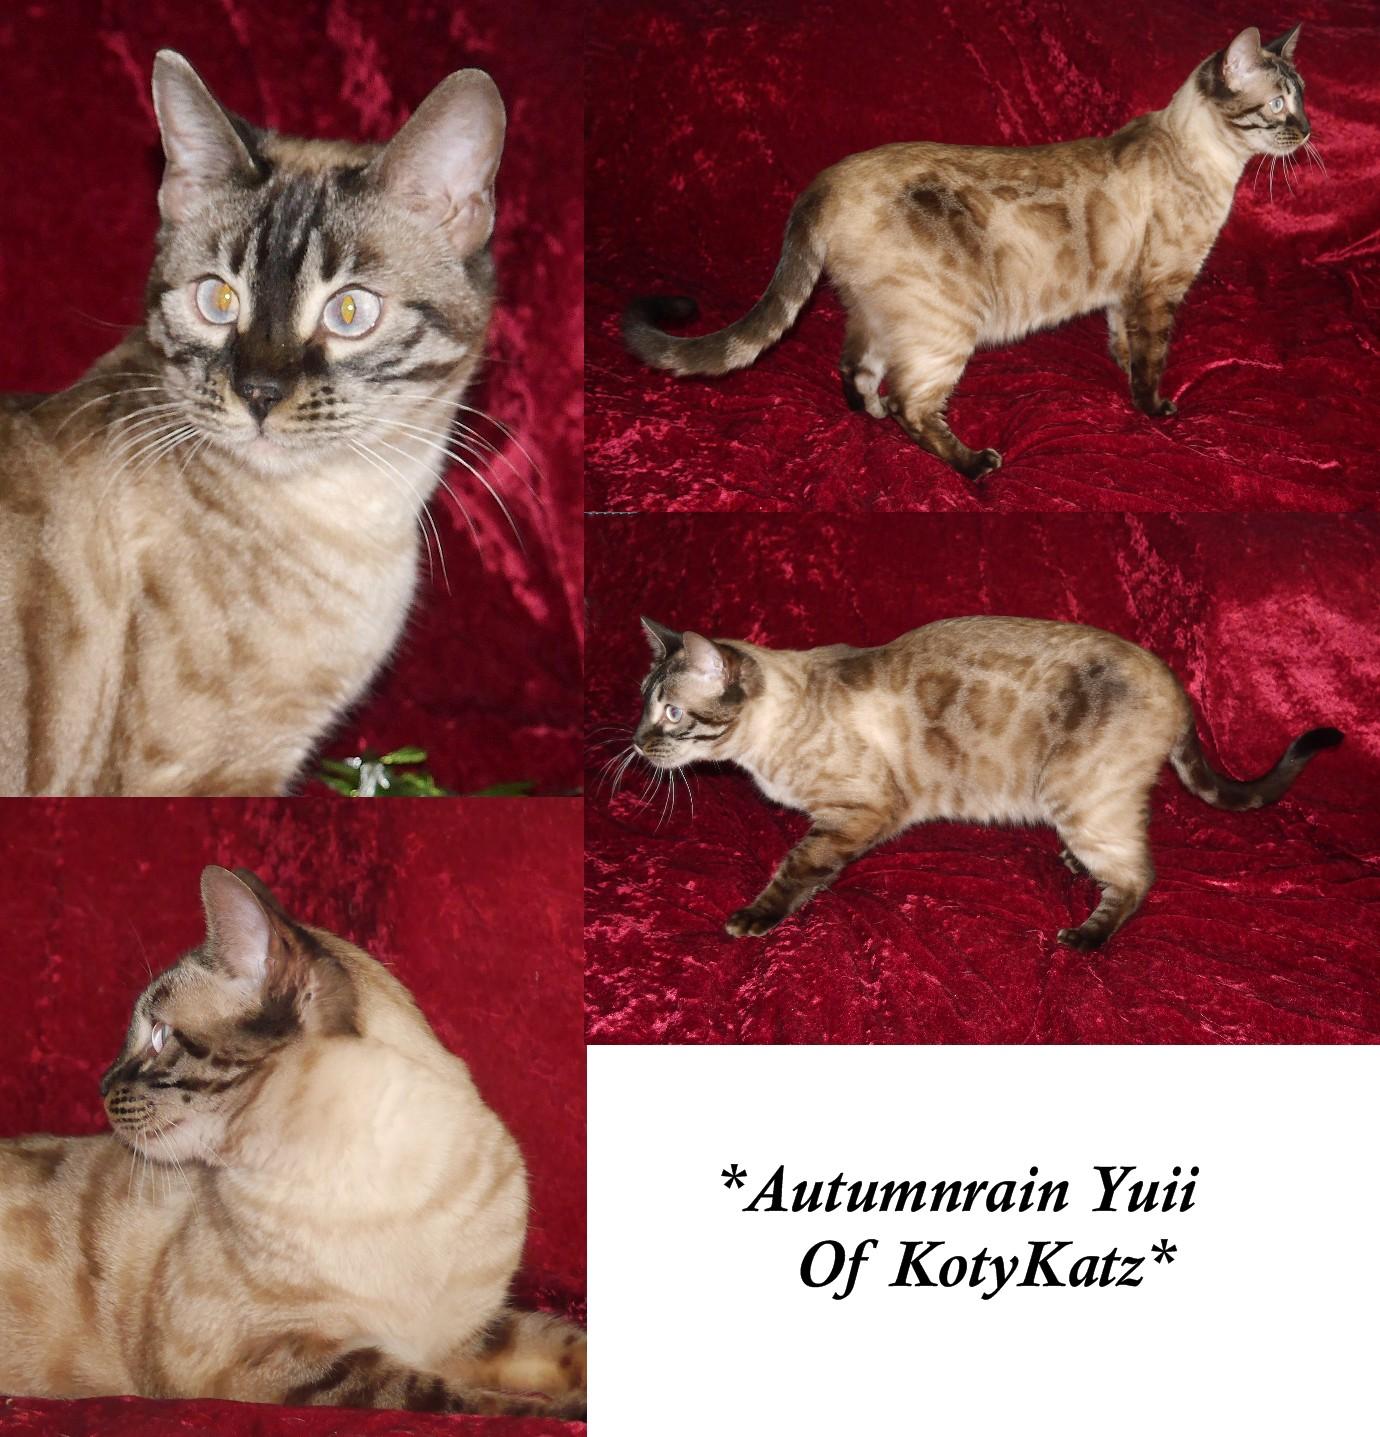 Autumnrain Yuii of KotyKatz